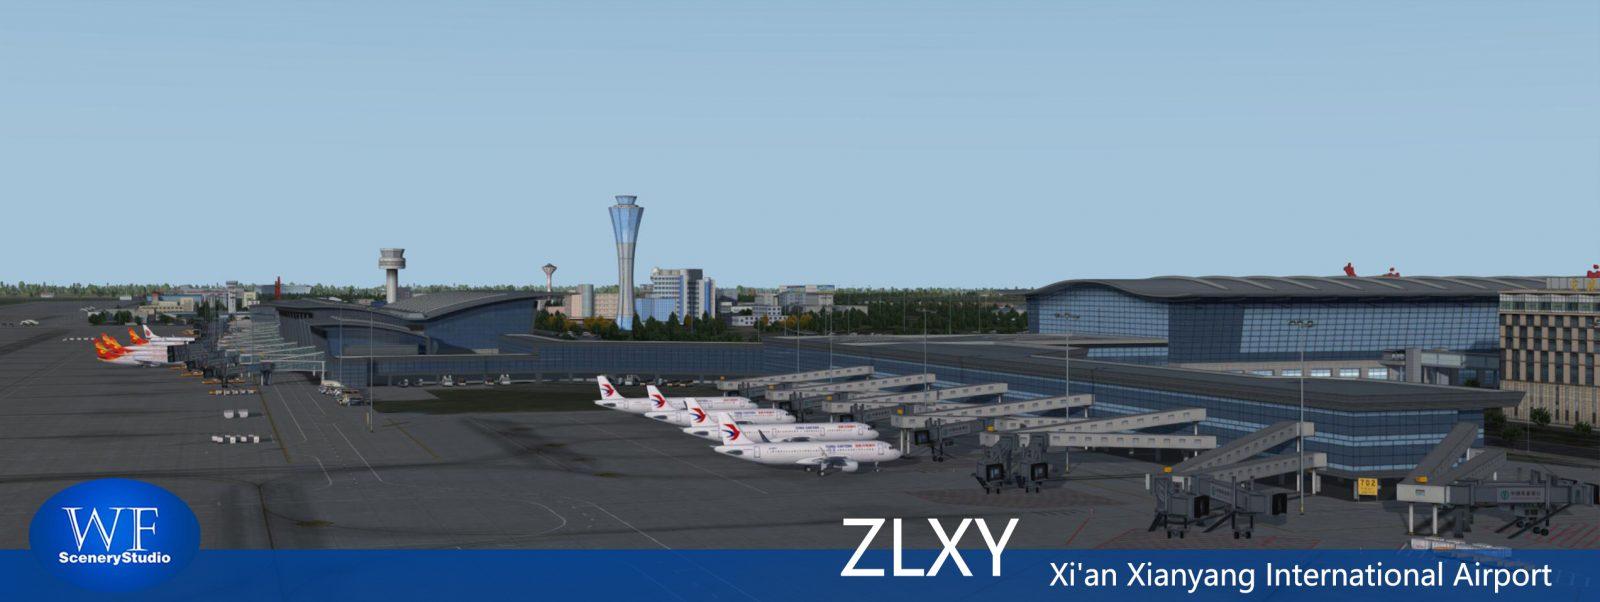 Xian Aeroporto : Wf scenery studio releases xi an xianyang airport for p dv fselite